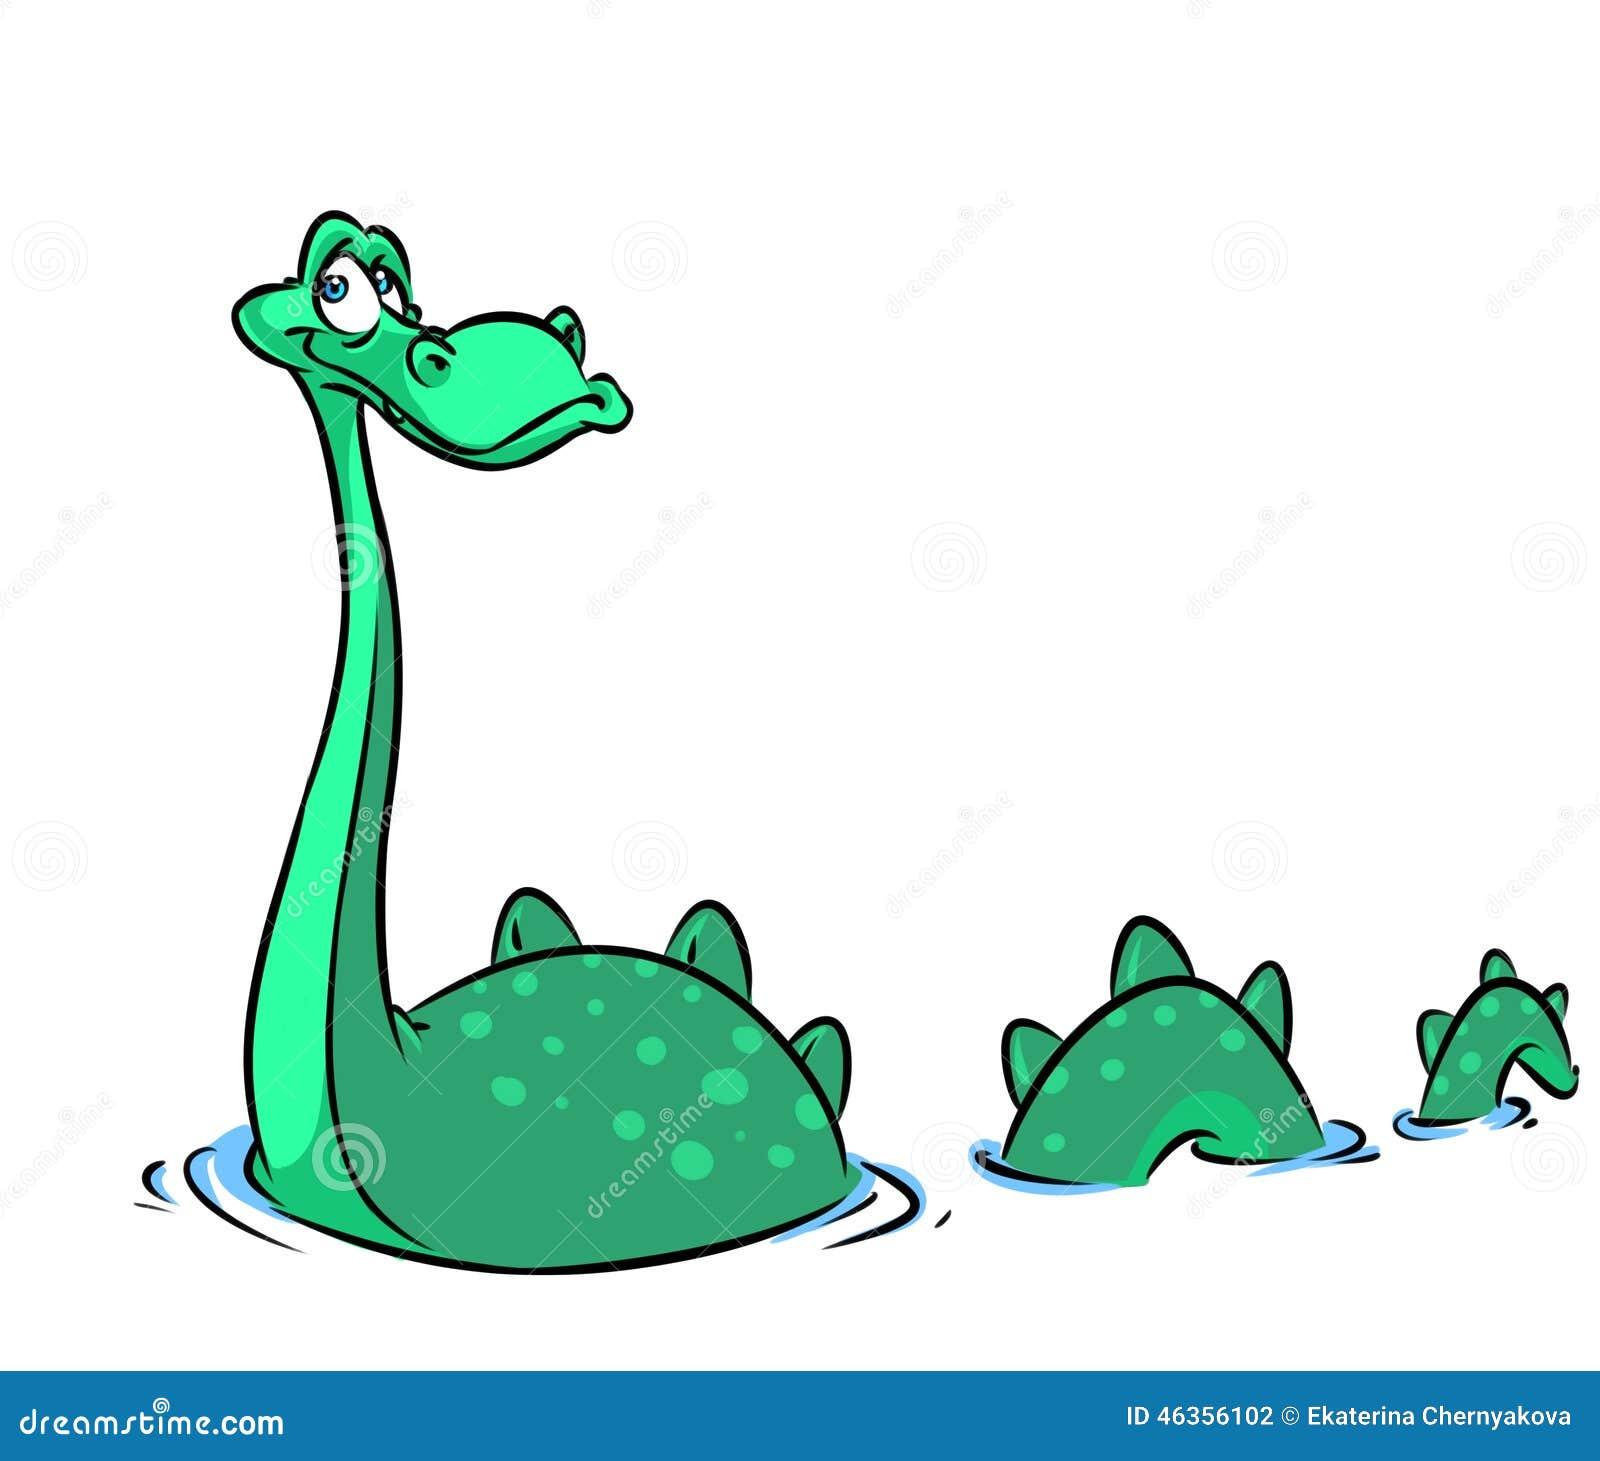 Illustrazione Del Fumetto Del Mostro Di Loch Ness Illustrazione Di